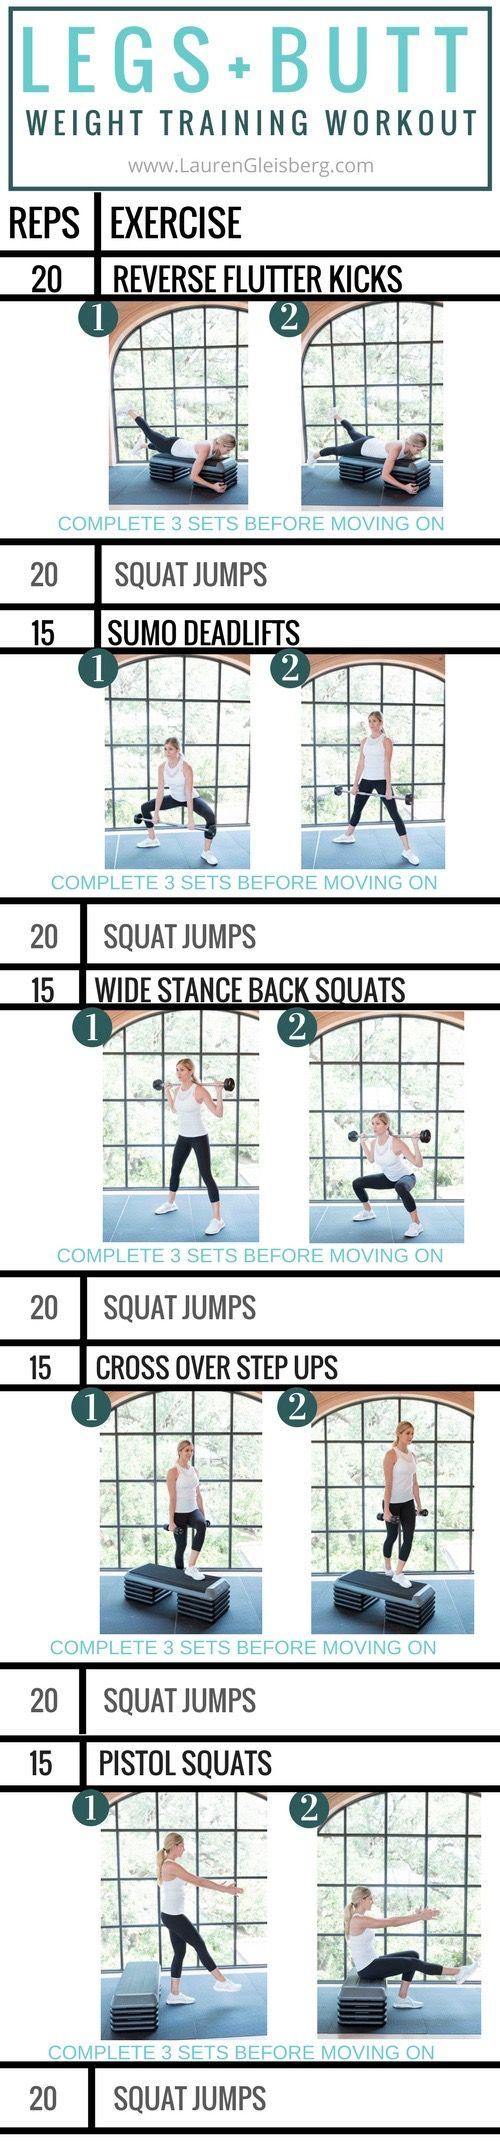 Legs and Butt Workout (Fall Challenge Day 2) LaurenGleisberg.com